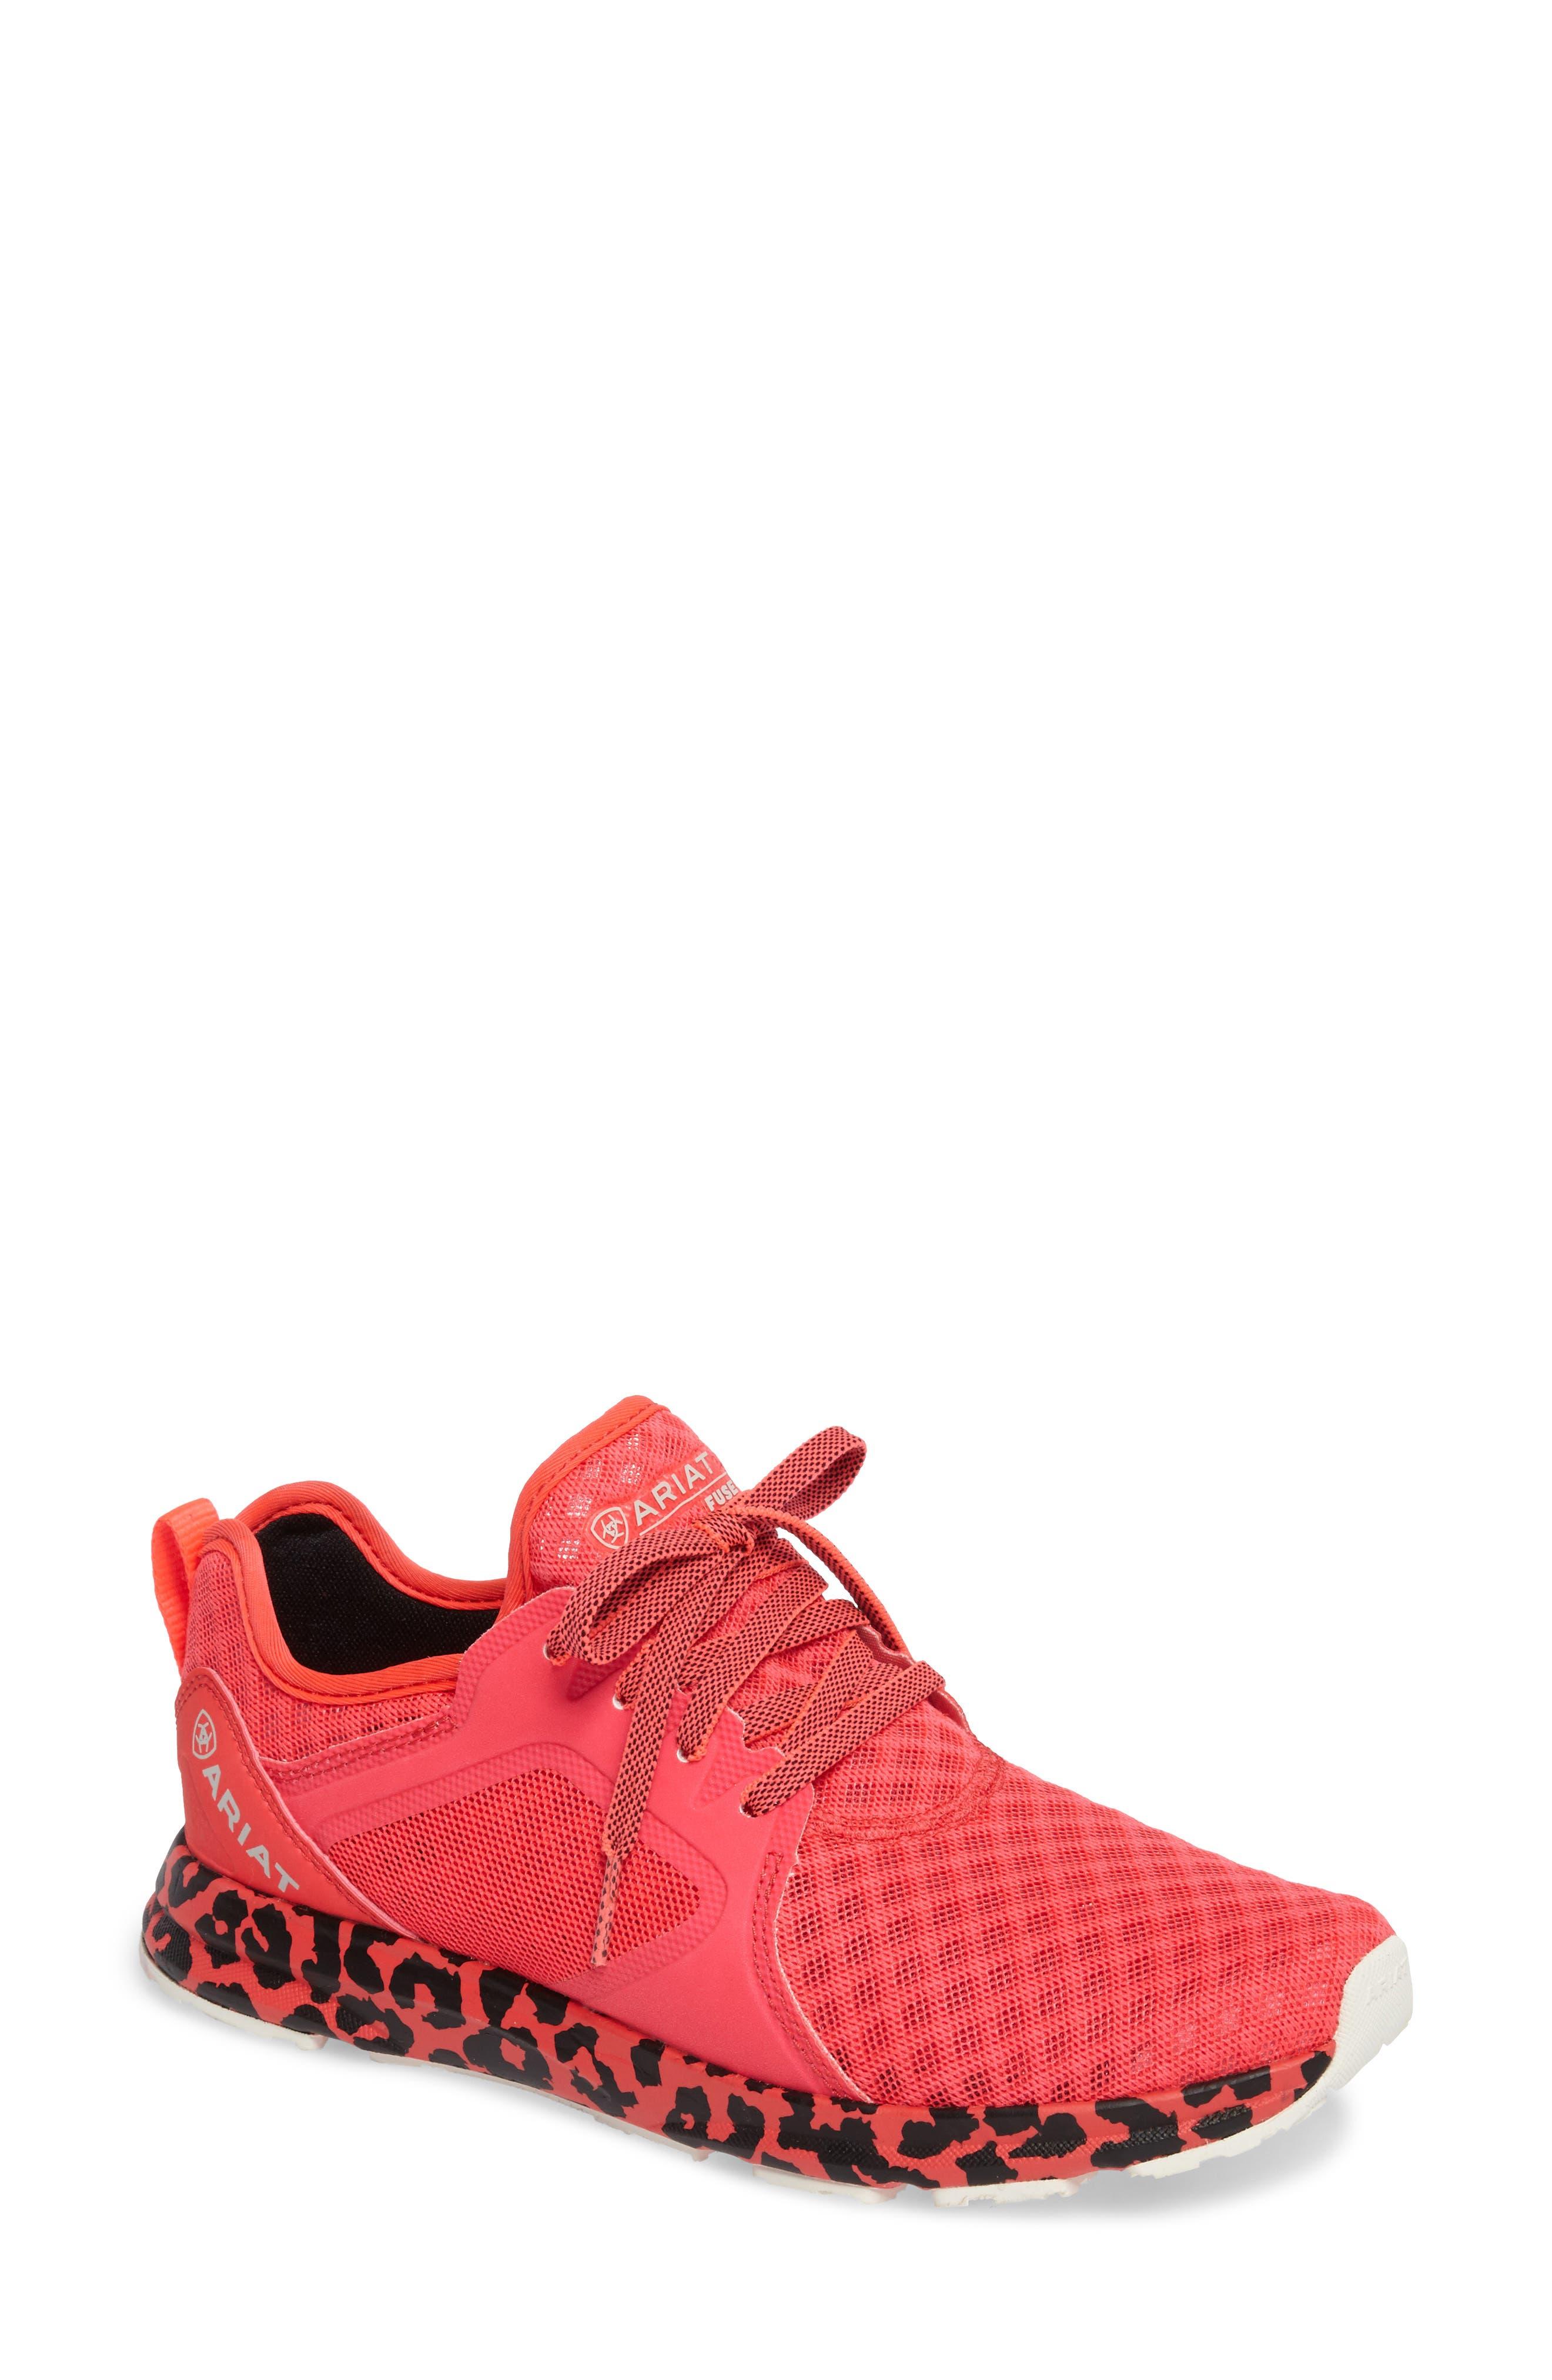 Alternate Image 1 Selected - Ariat Fuse Print Sneaker (Women)